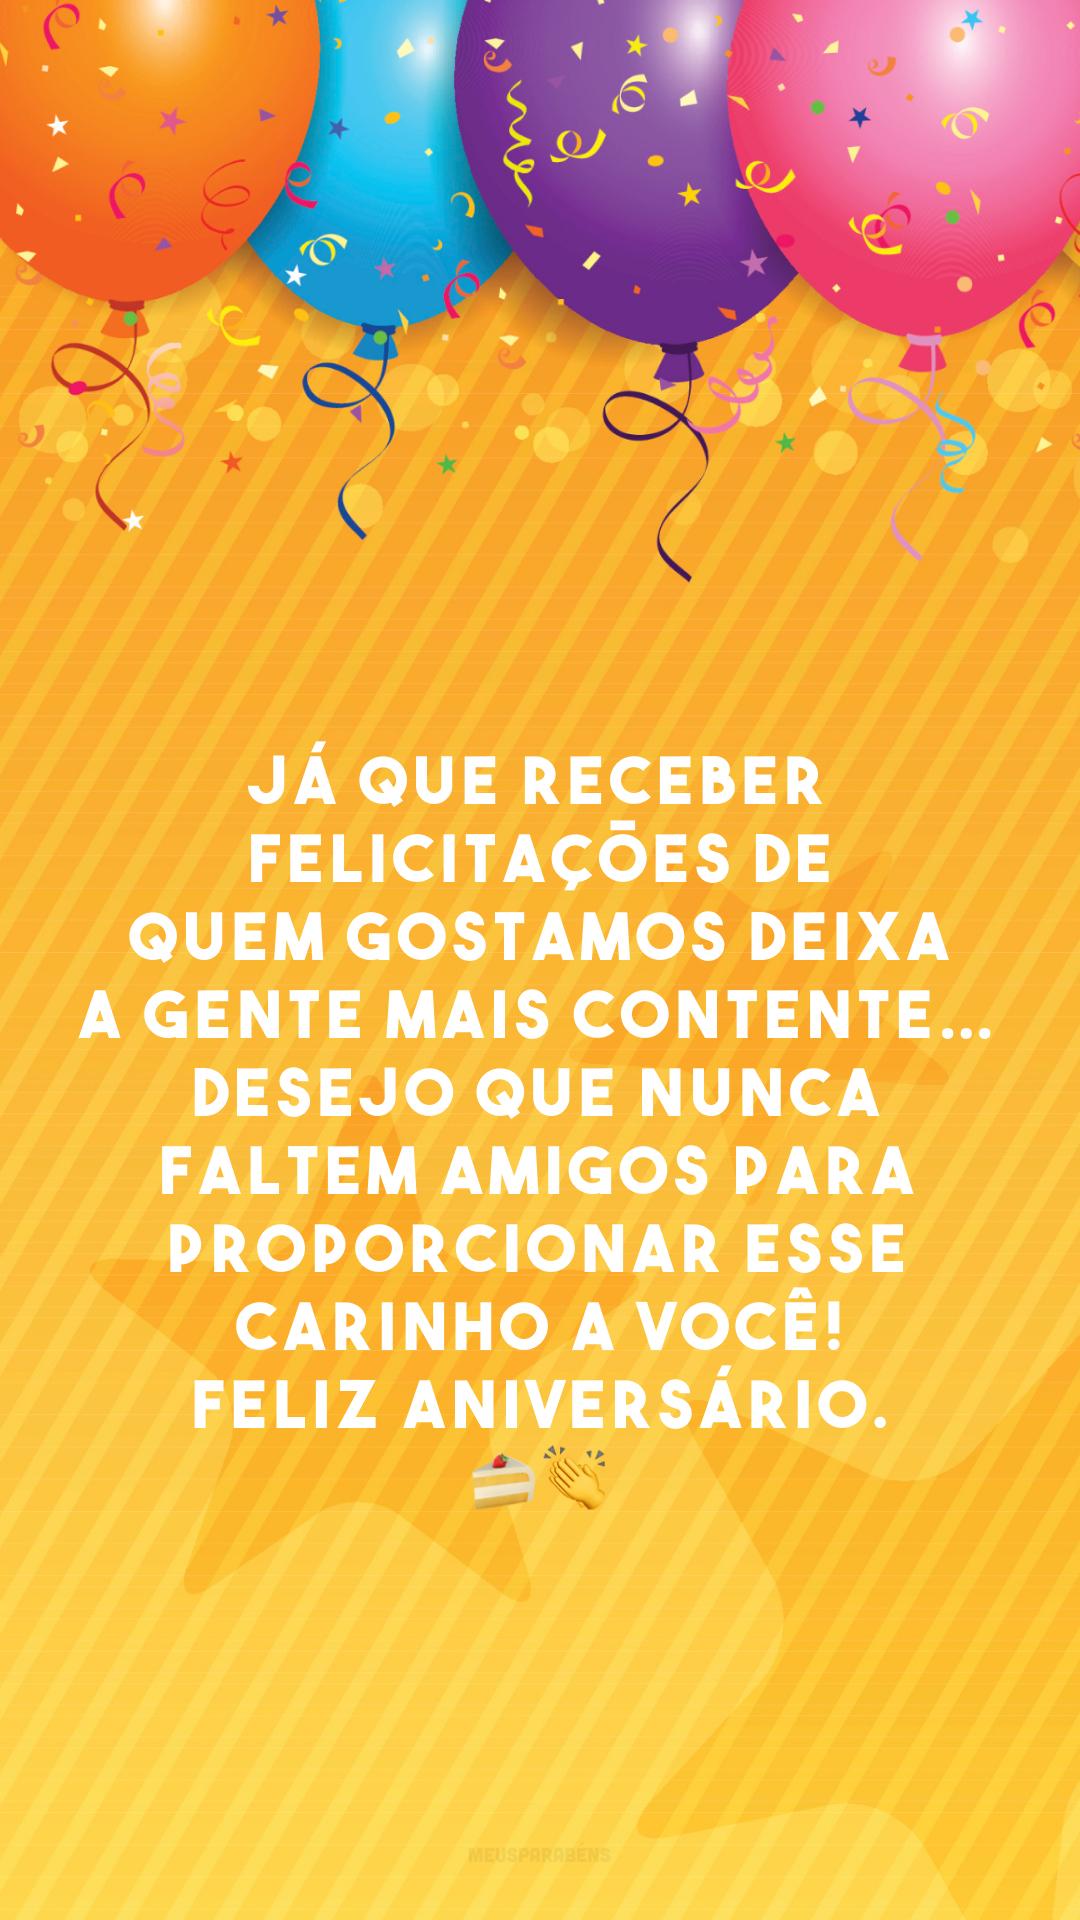 Já que receber felicitações de quem gostamos deixa a gente mais contente… Desejo que nunca faltem amigos para proporcionar esse carinho a você! Feliz aniversário. 🍰 👏